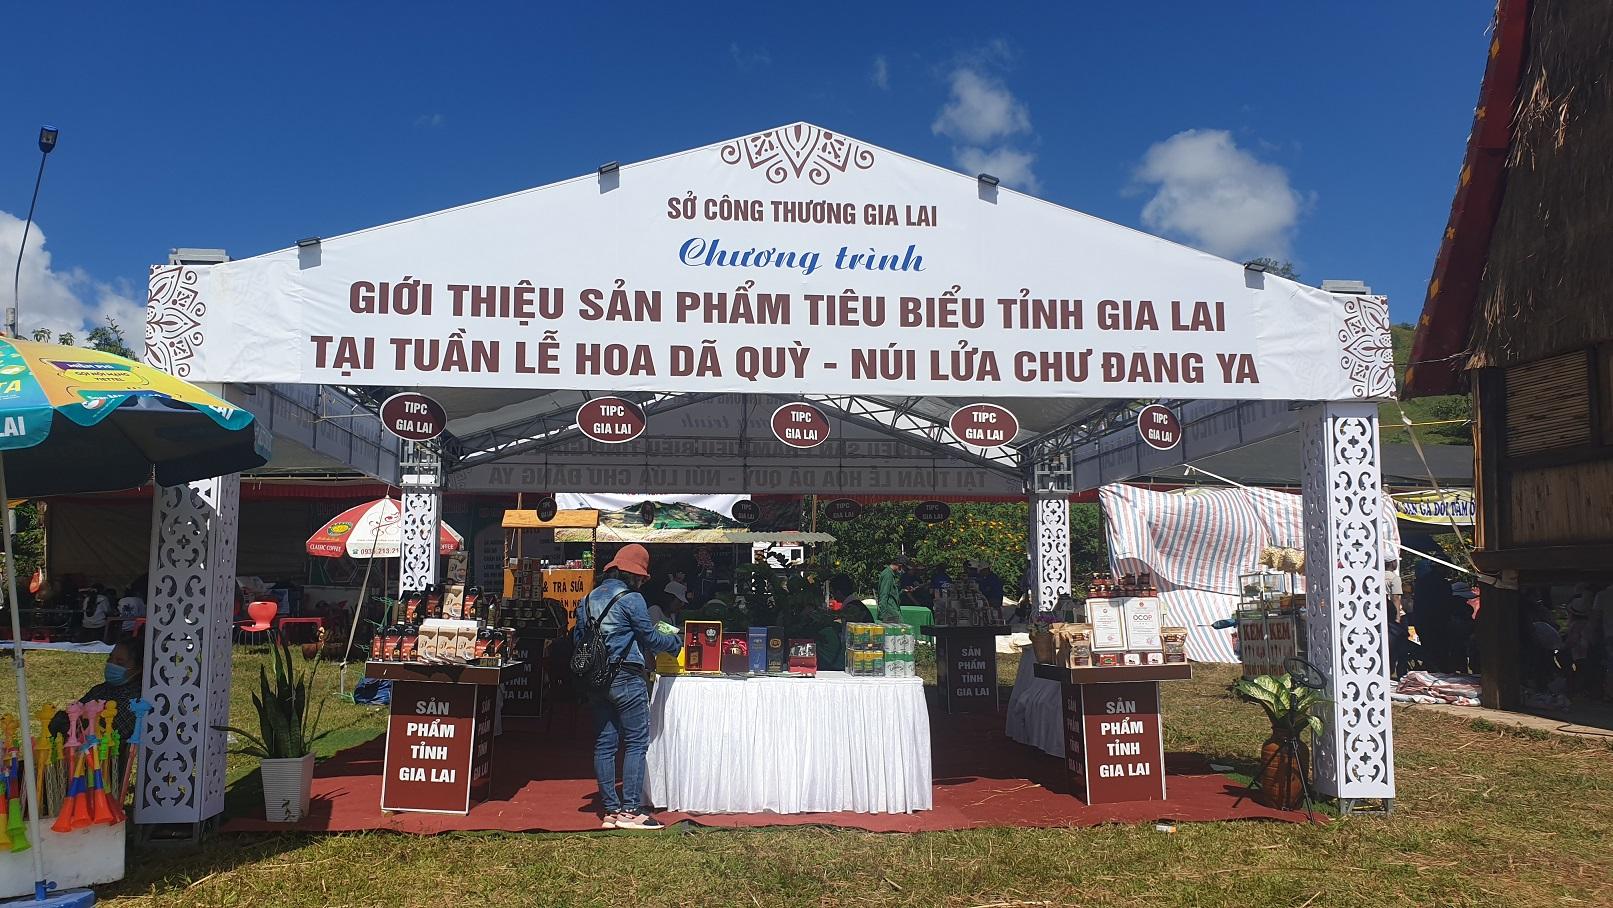 Các sản phẩm tiêu biểu của tỉnh Gia Lai cũng được đưa về trưng bày tại Tuần lễ hoa dã quỳ